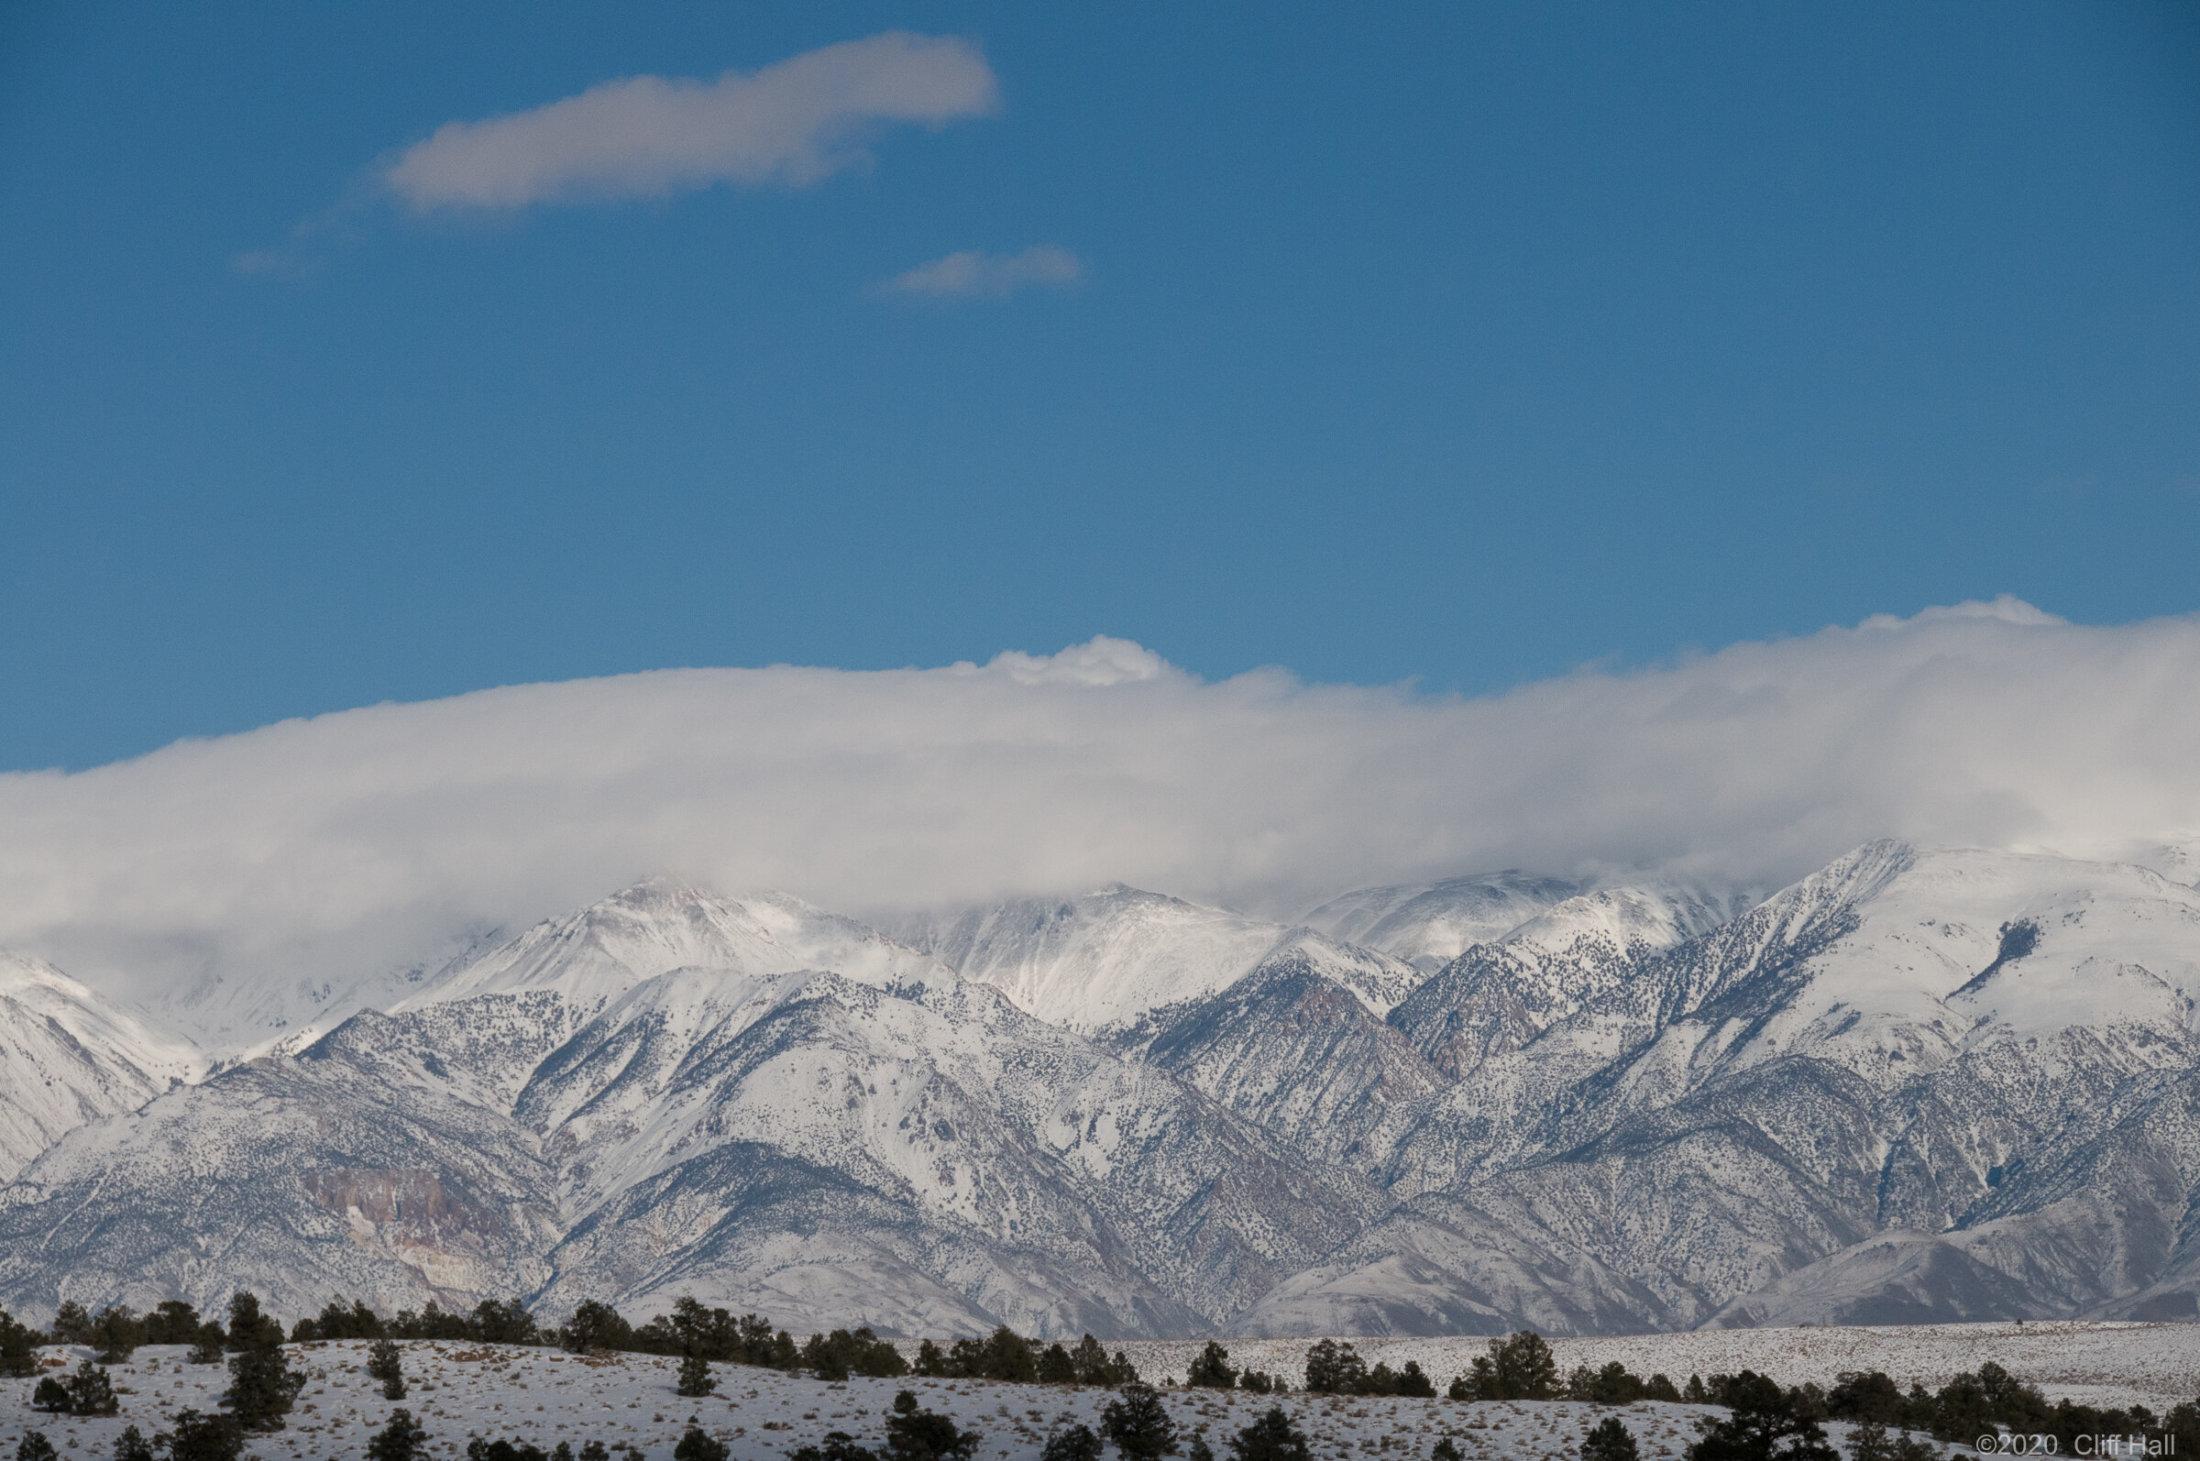 Sierras near Bishop, CA